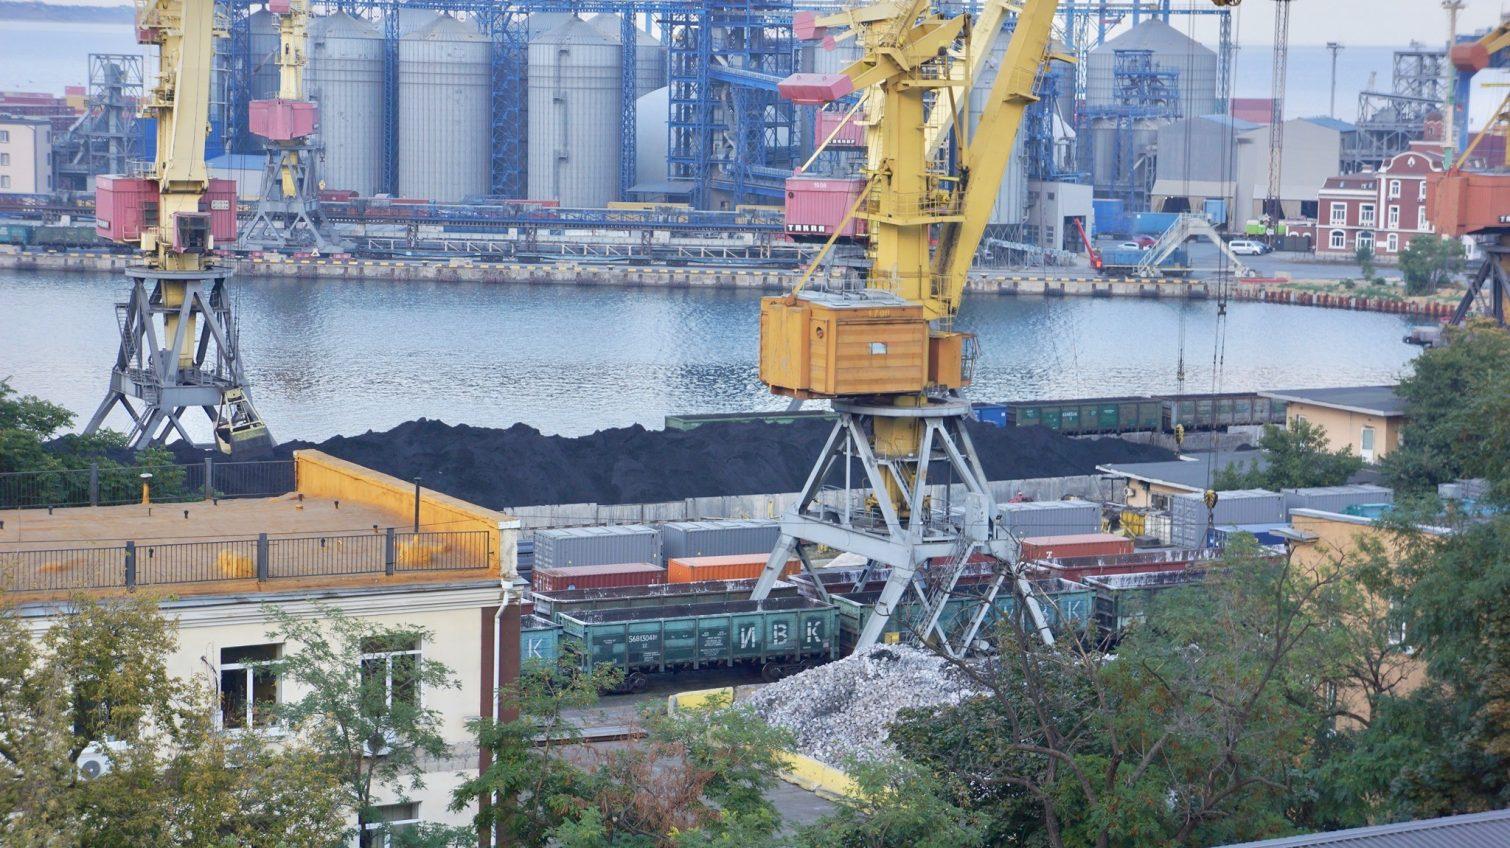 Удар по экологии: в Одесском порту у парка Шевченко снова выгружают железную руду открытым способом (фото) «фото»